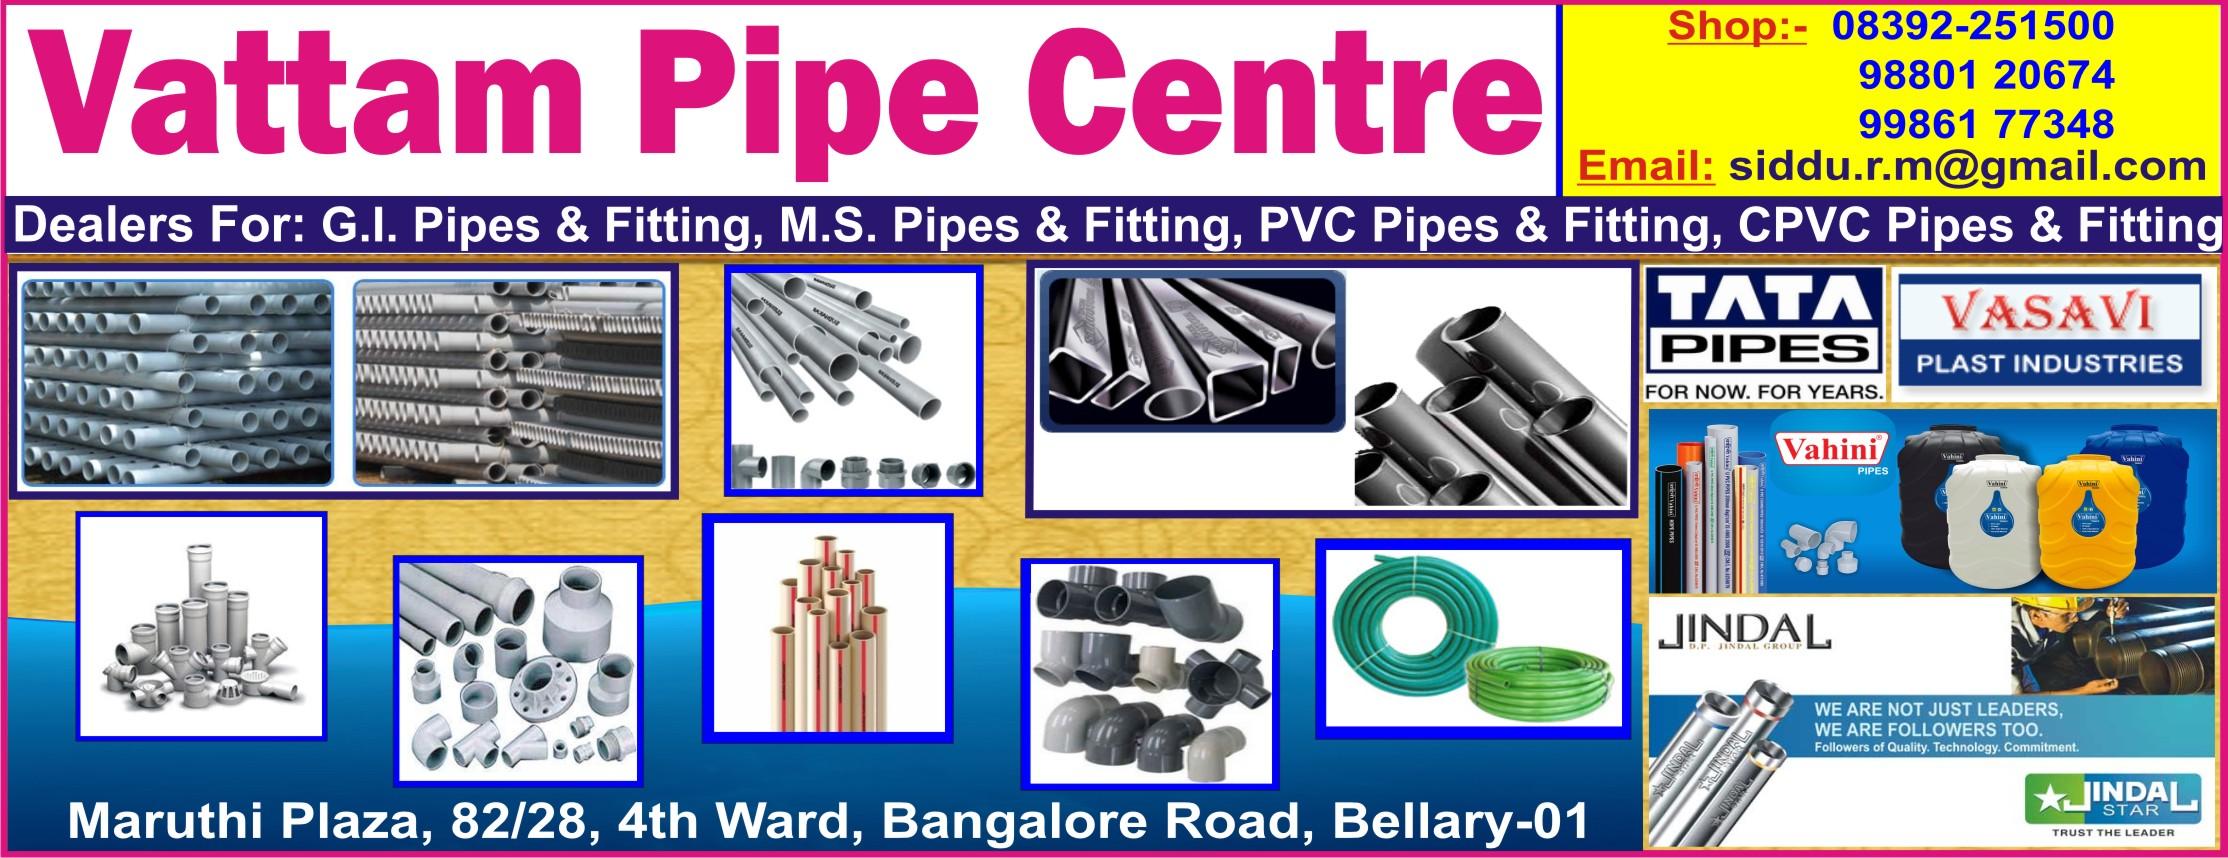 Vattam Pipe Centre